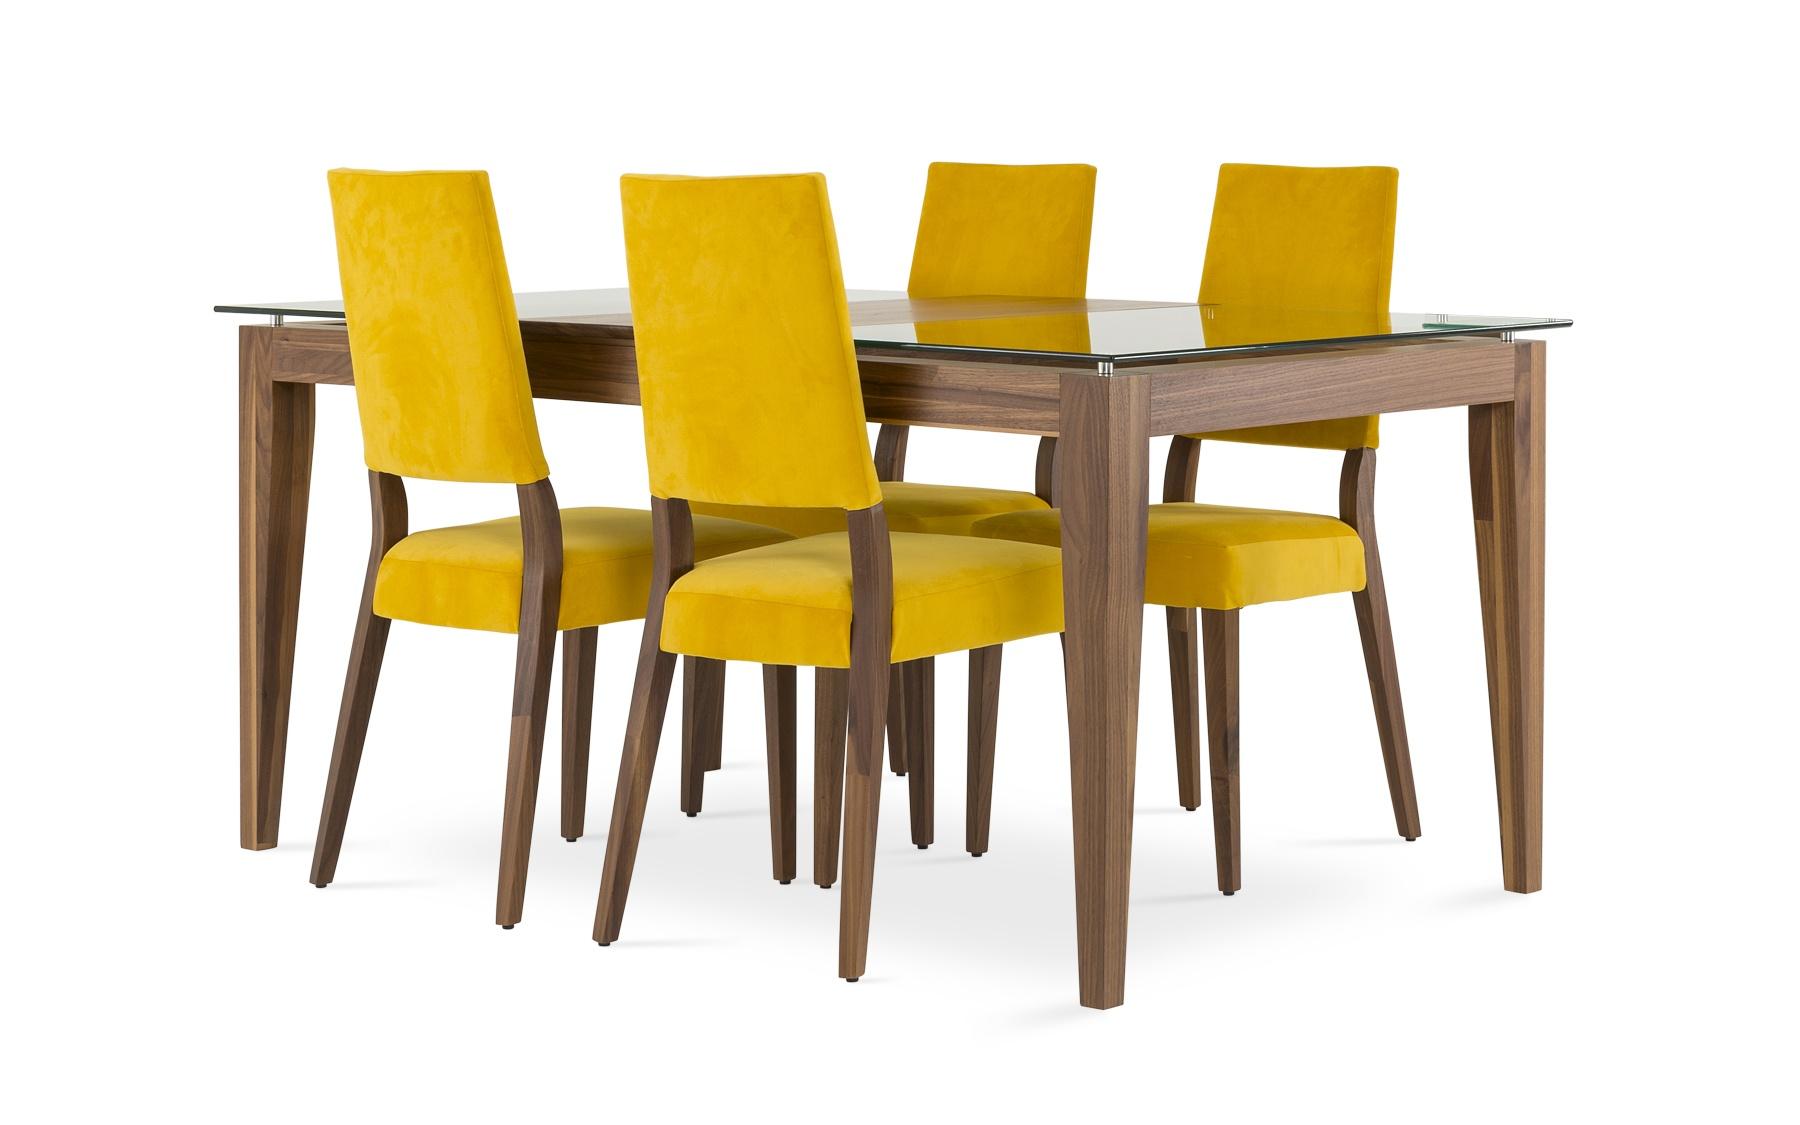 Chaise cl531 chaises salles manger la galerie du for Galerie du meuble